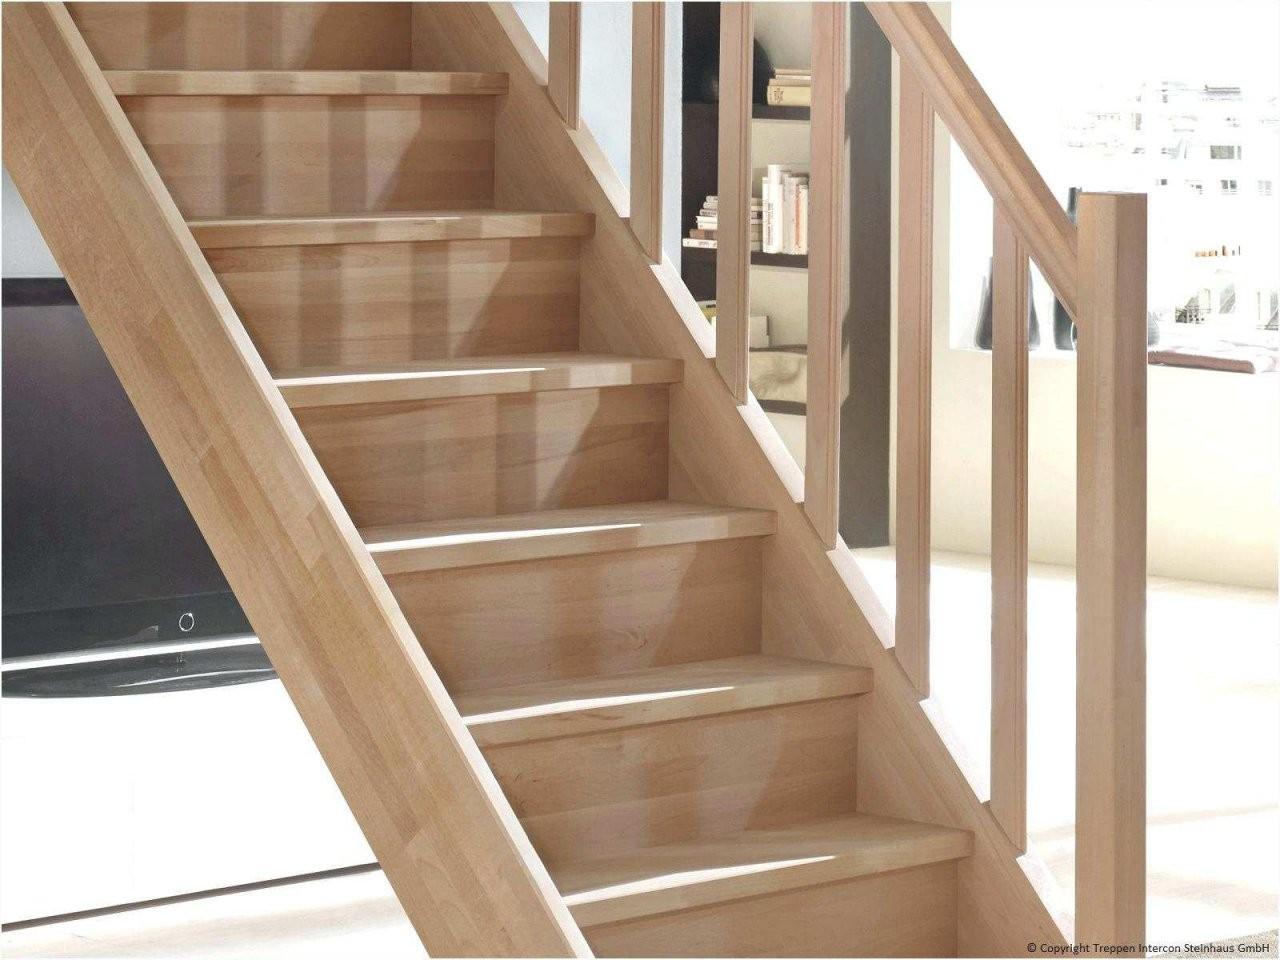 21 Angenehm Galerie Bilder Von Außentreppe Holz Mit Podest von Außentreppe Selber Bauen Holz Bild